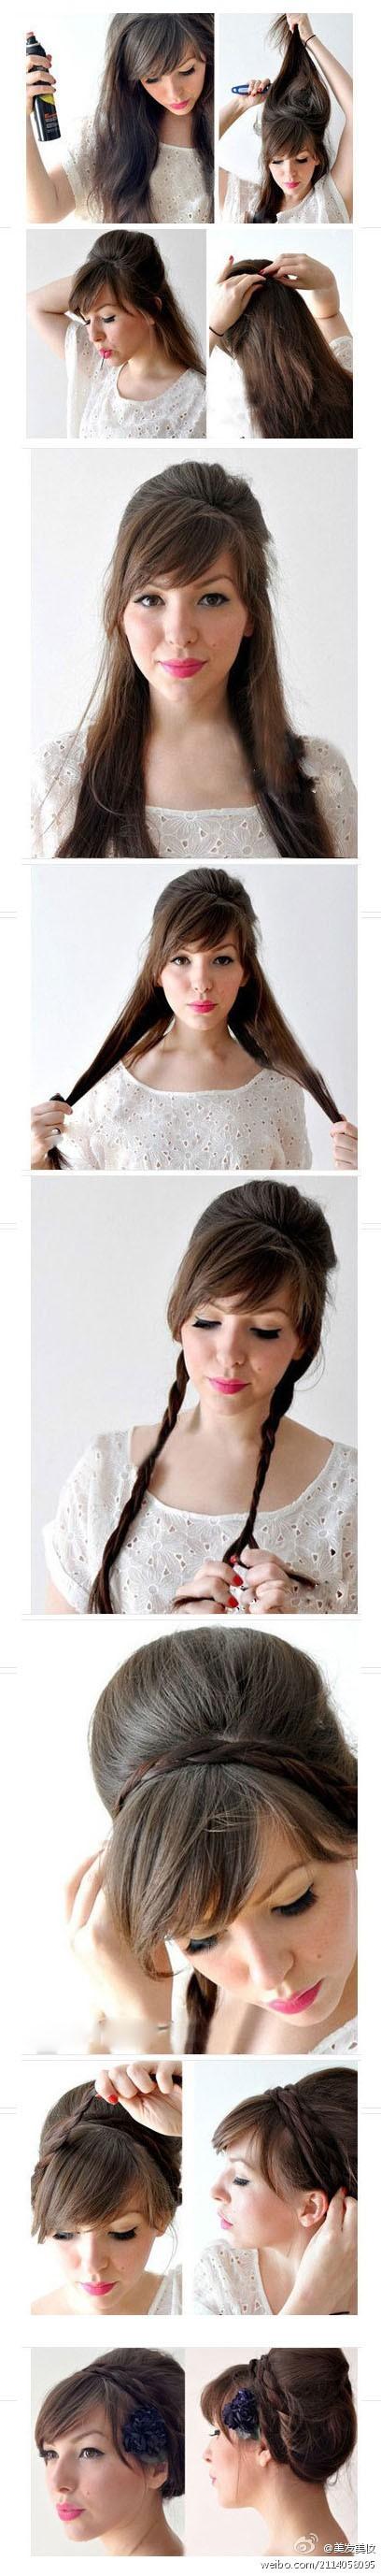 Простые прически для коротких волос в домашних условиях с фото